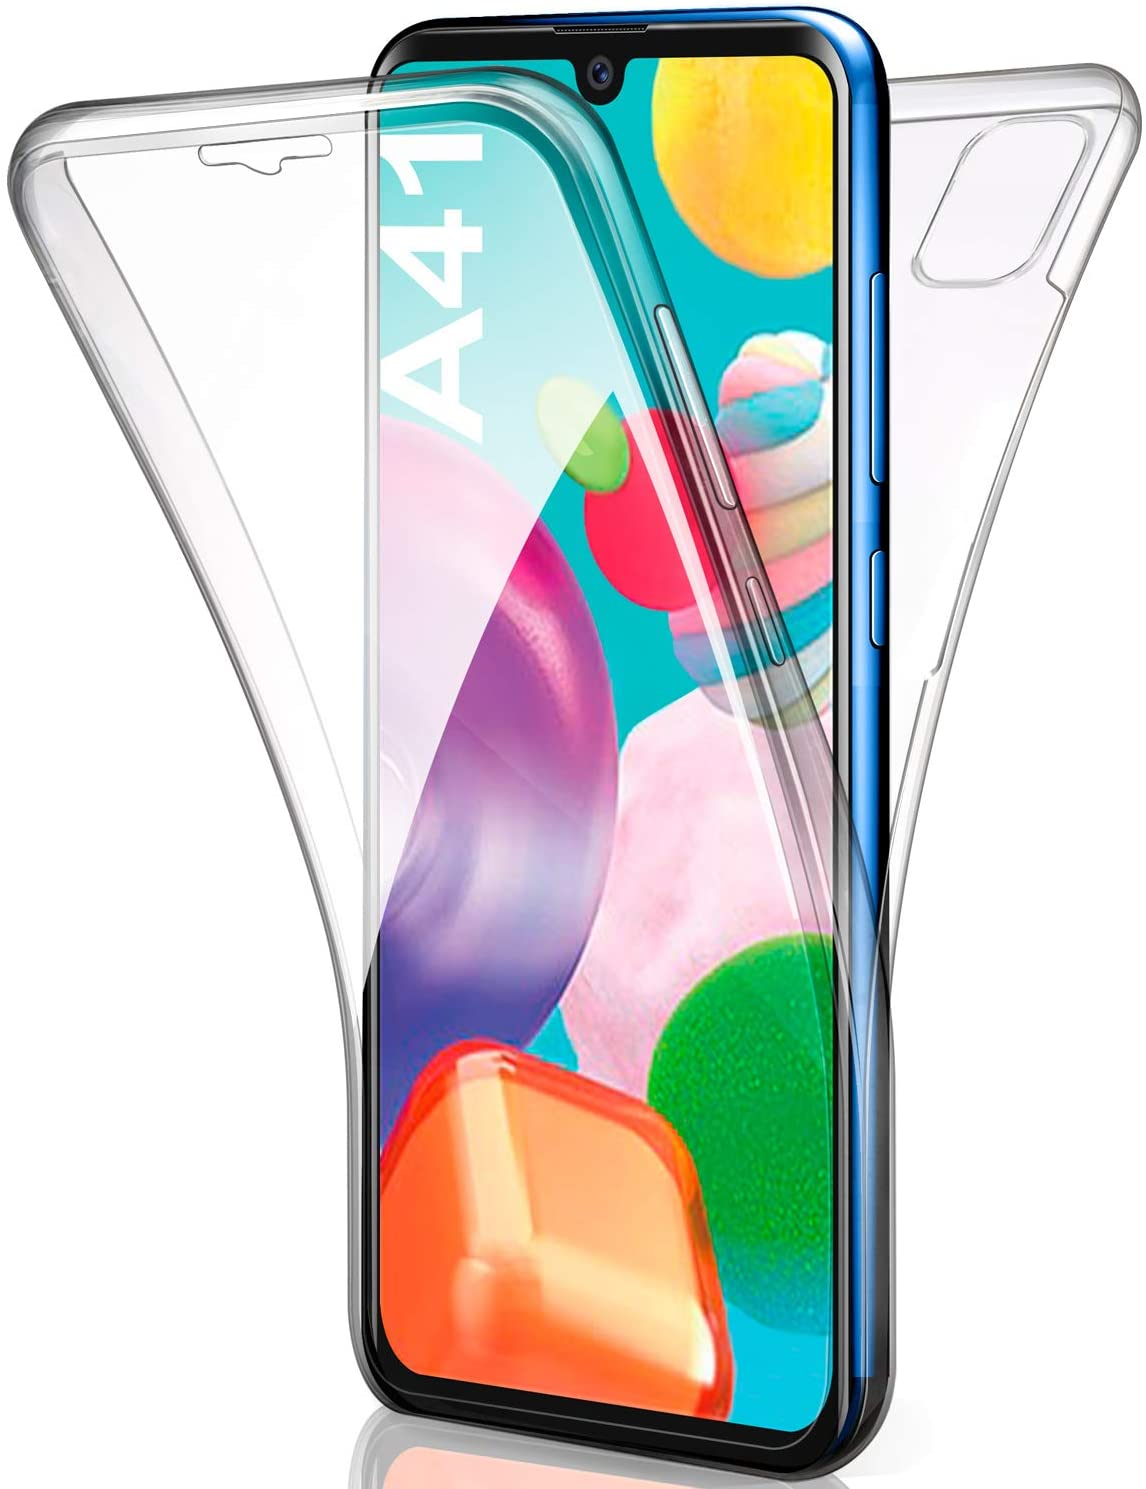 Coque Silicone 360 pour Samsung A41 Etui de Protection integrale Little Boutik®